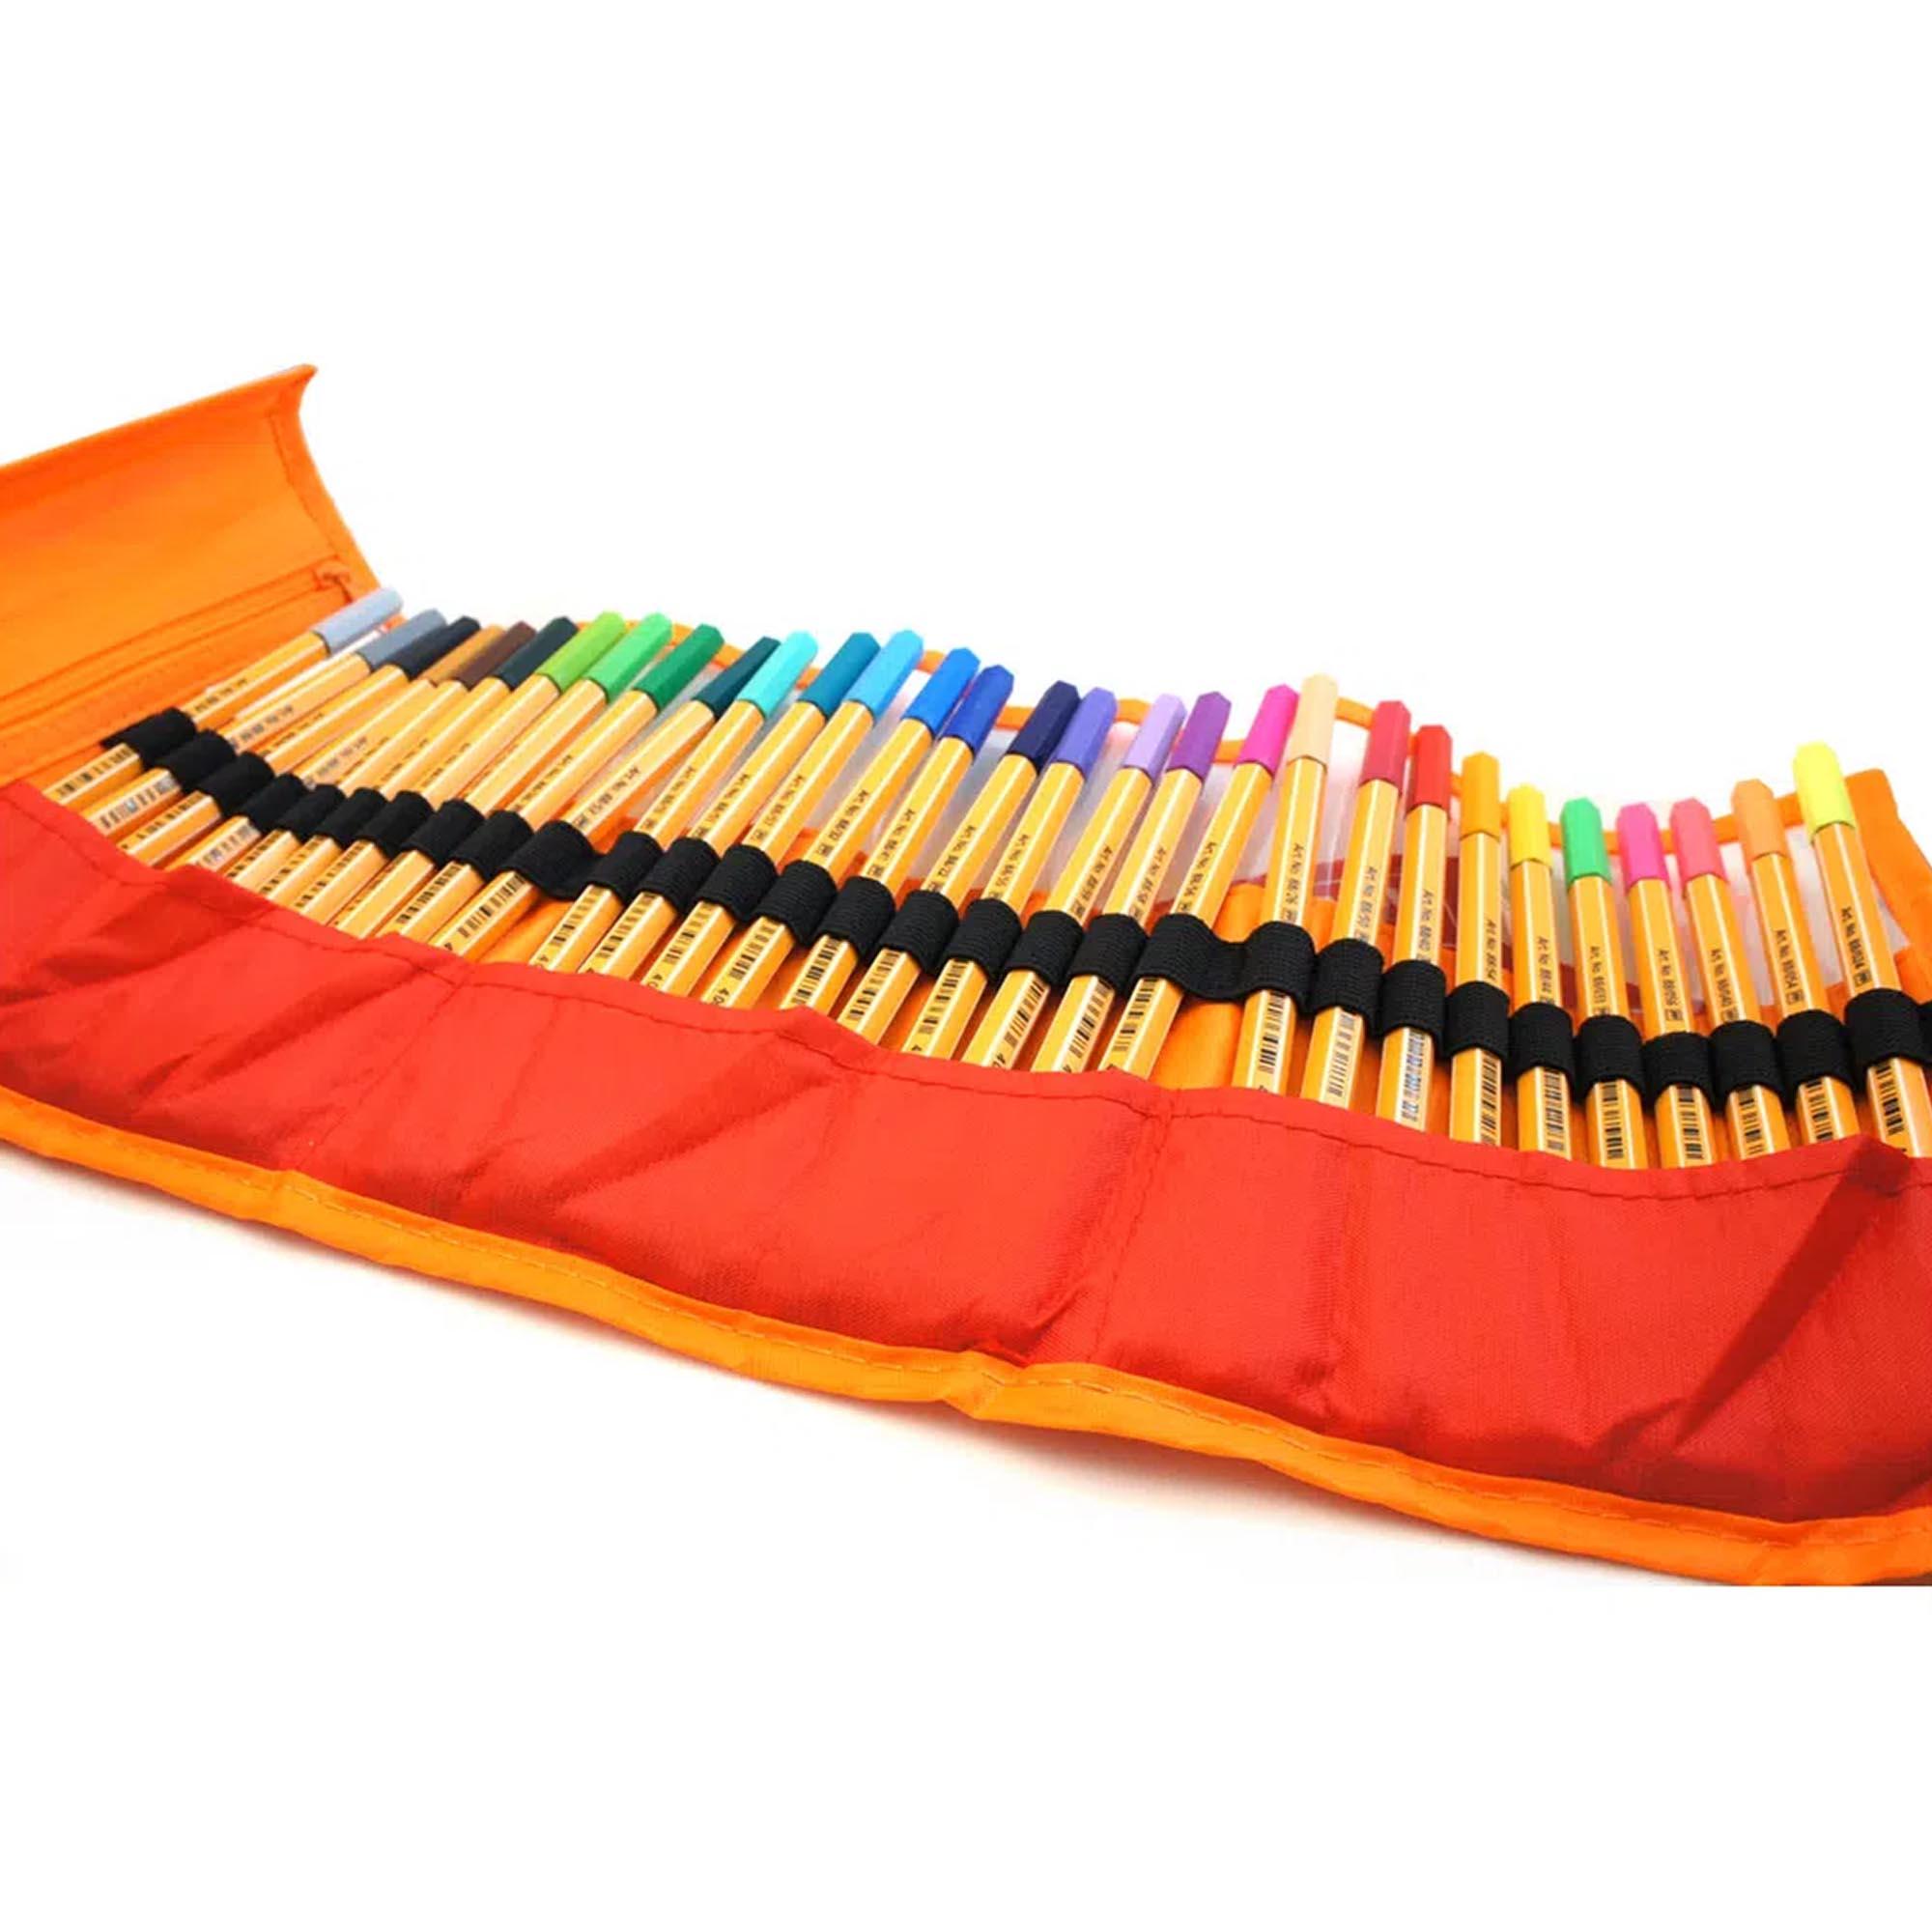 Caneta Extrafina, Stabilo, Point 8830, Estojo Nylon com 30 cores